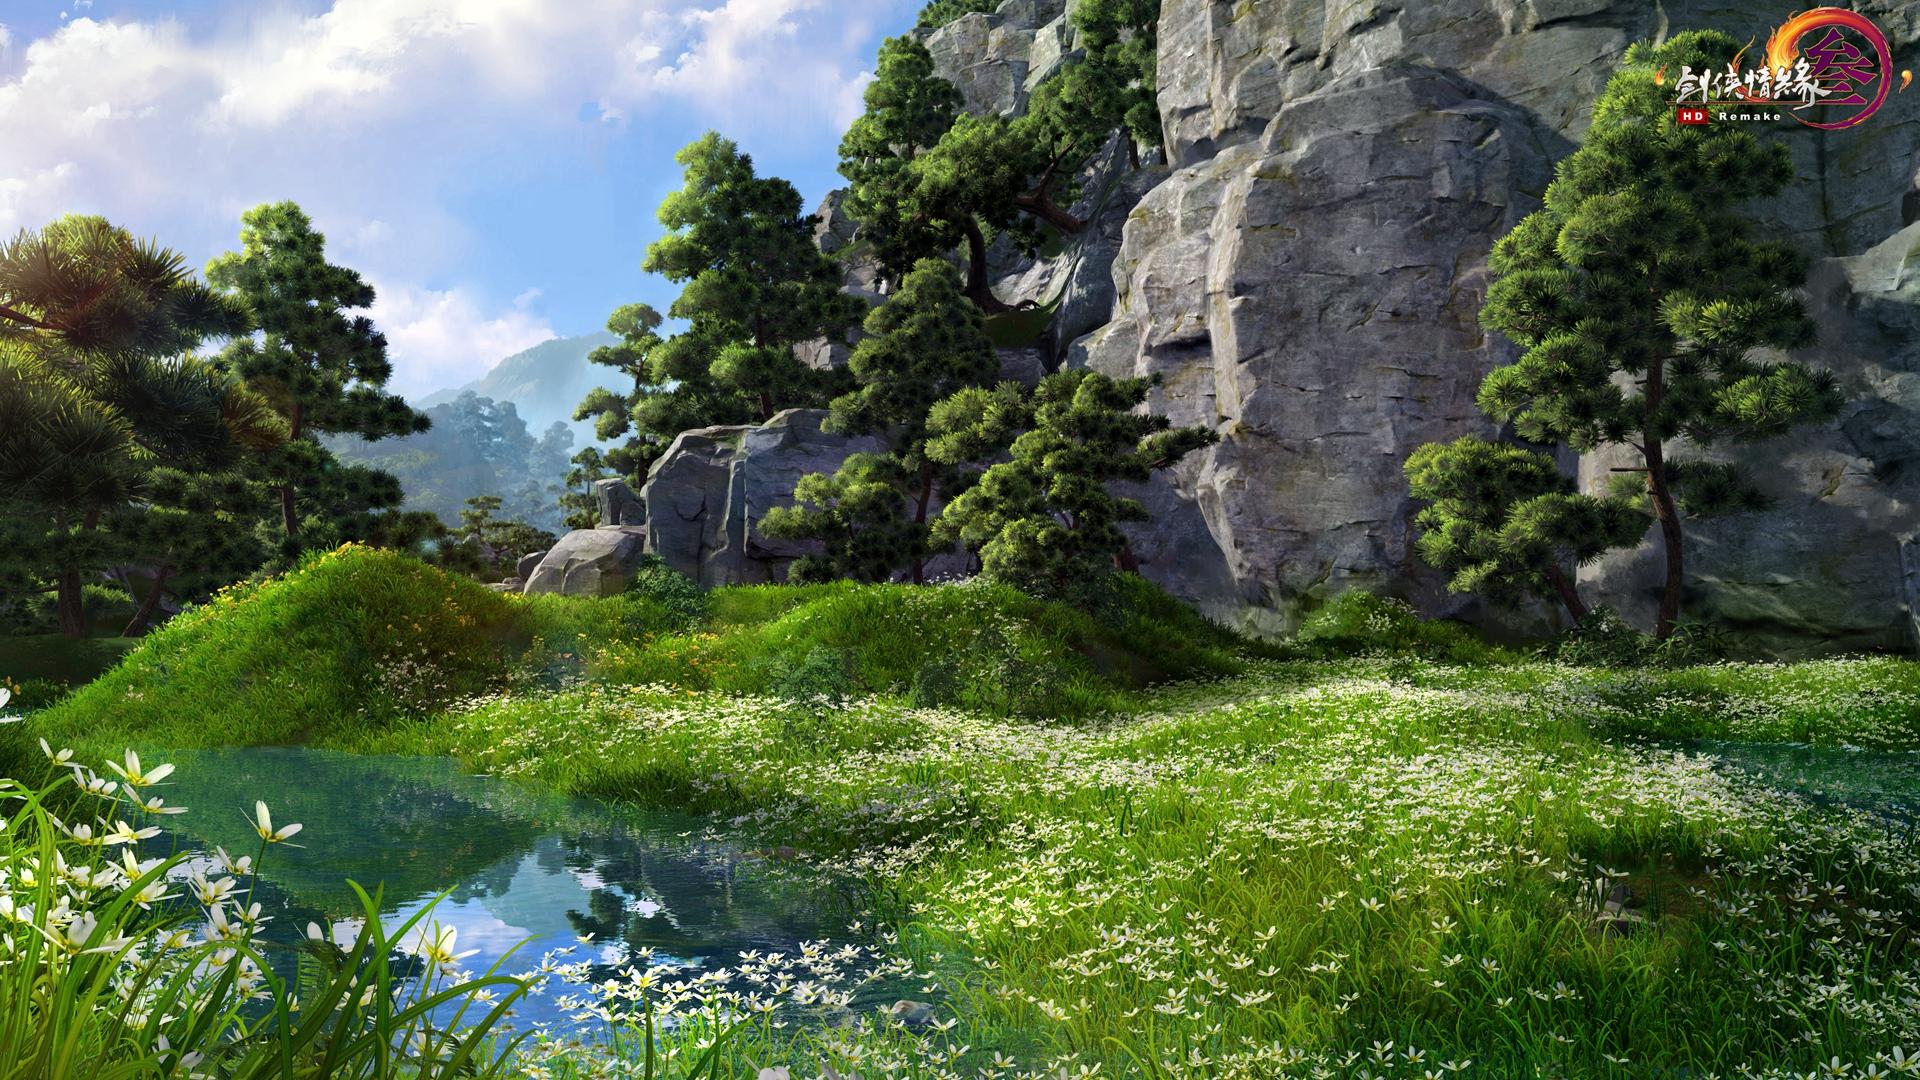 壮阔大美江湖 重制版进阶画质详解 - 剑网3游戏资讯